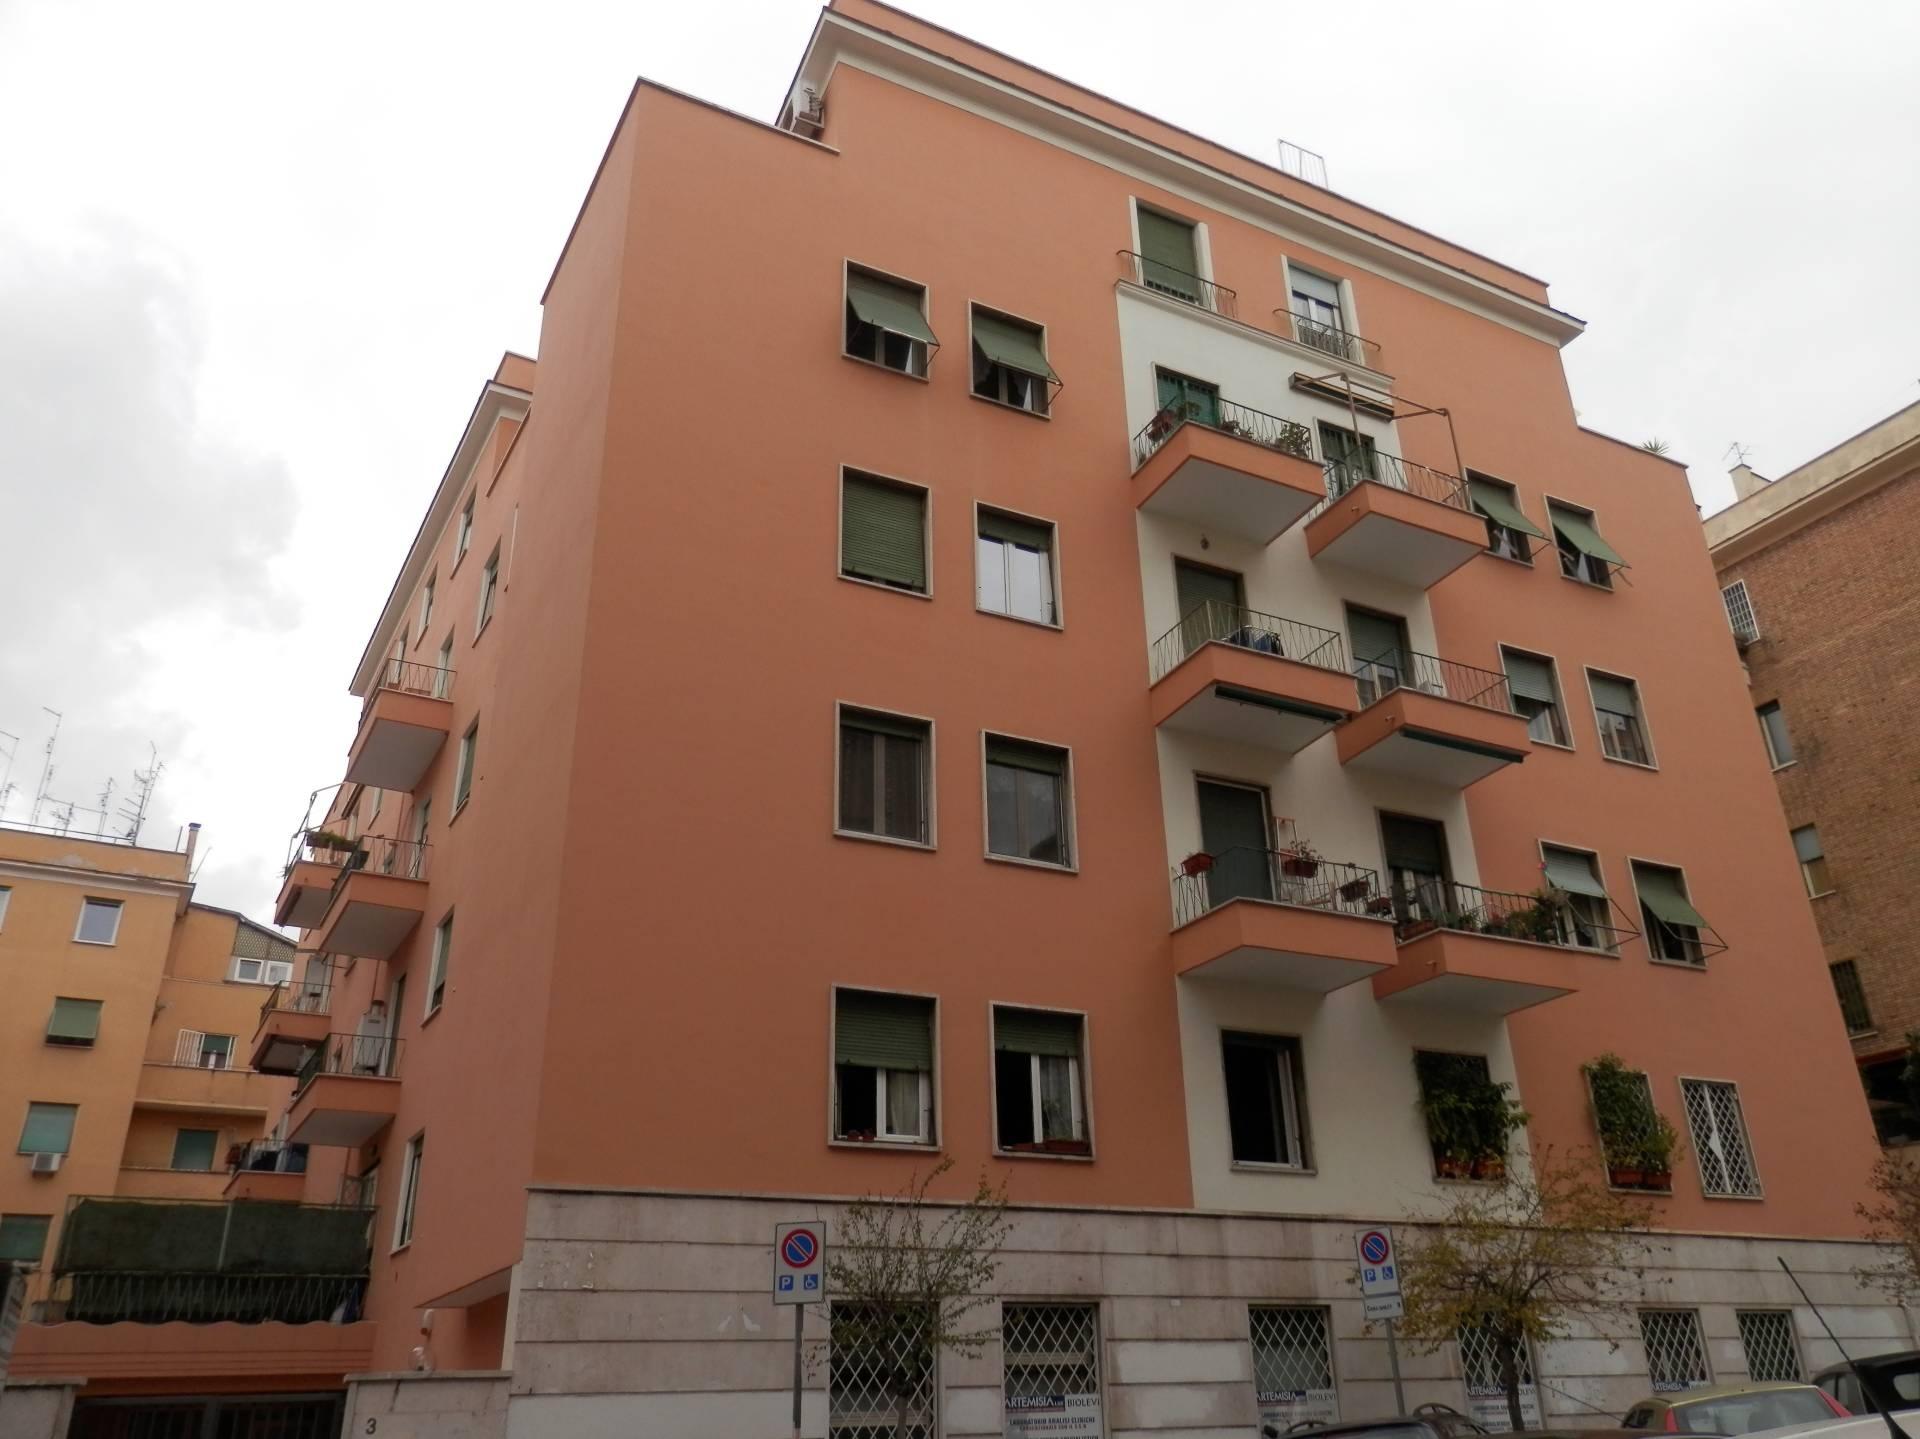 Cbi072 ex927 appartamento in affitto a roma bologna for Affitto casa a roma